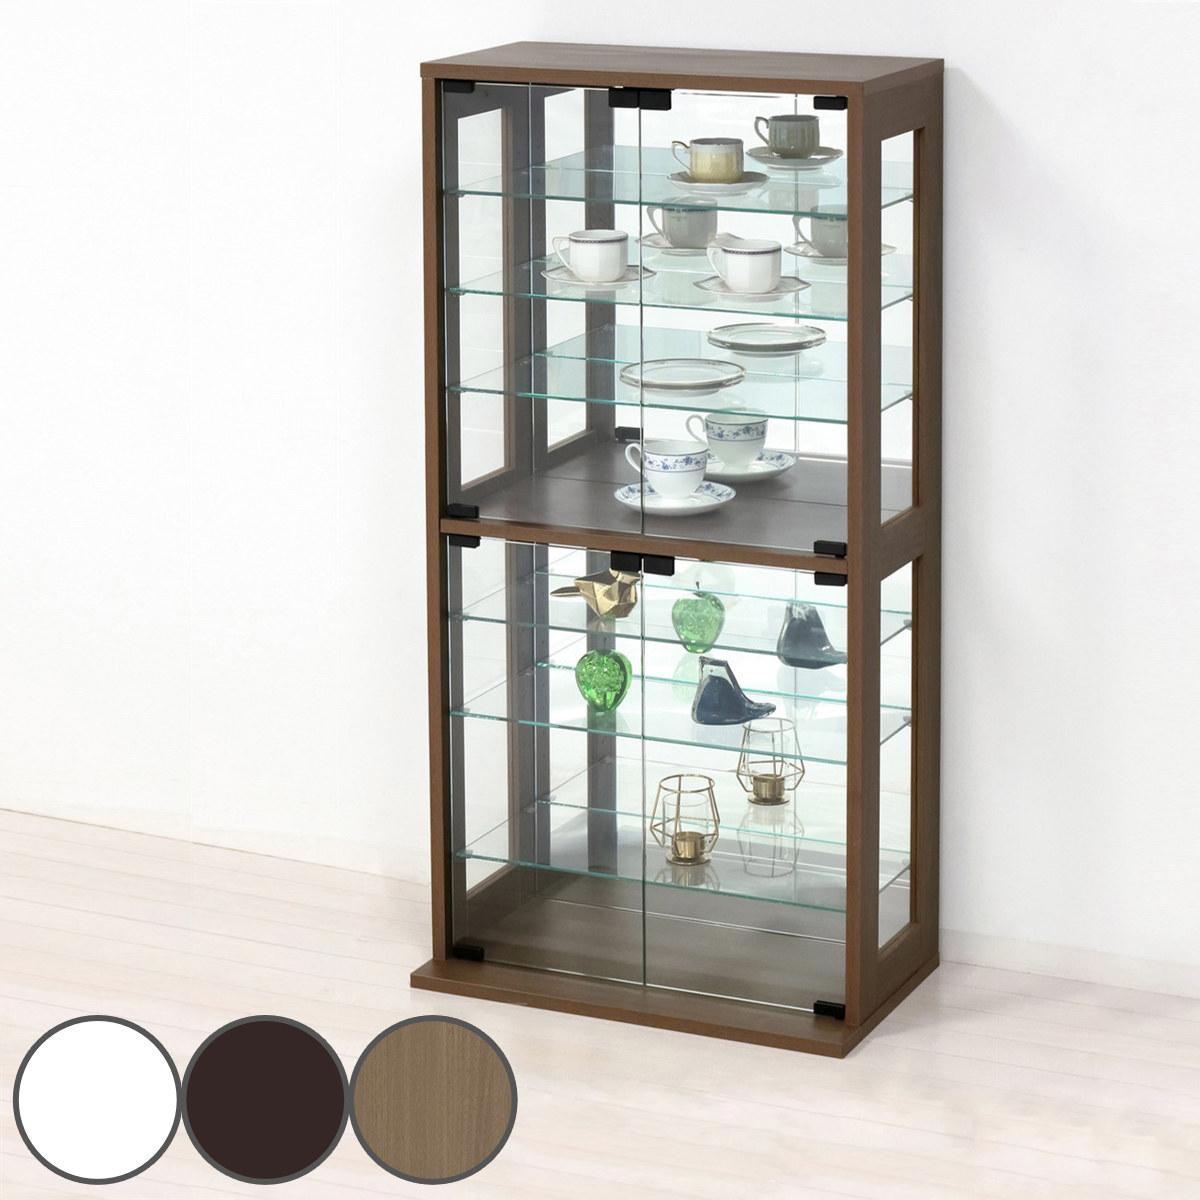 コレクションケース 幅60cm ガラス ( 送料無料 フィギュア ガラス ディスプレイ コレクションラック コレクション 棚 棚 ディスプレイ ), お宝屋:ac8a703d --- refractivemarketing.com